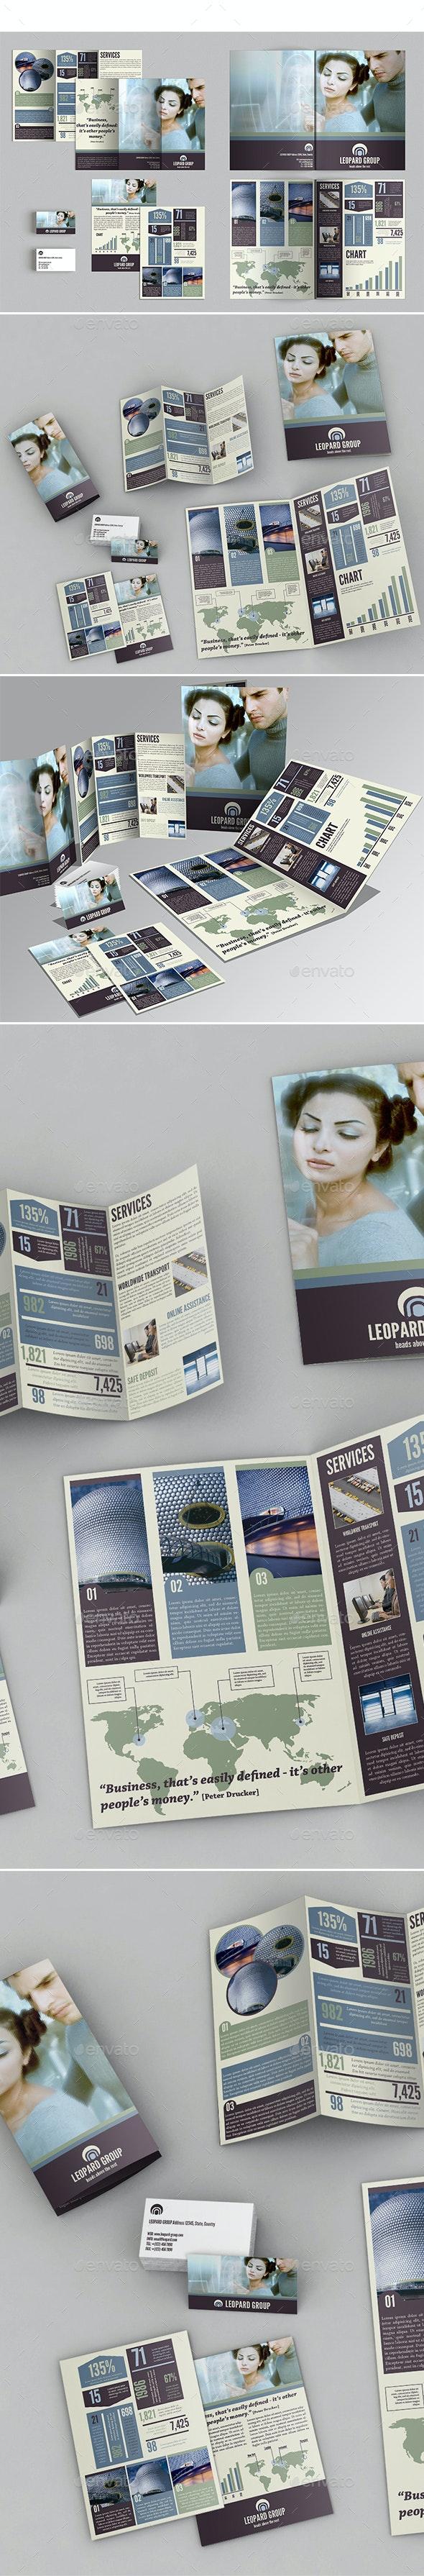 Business Brochures Pack - Corporate Brochures